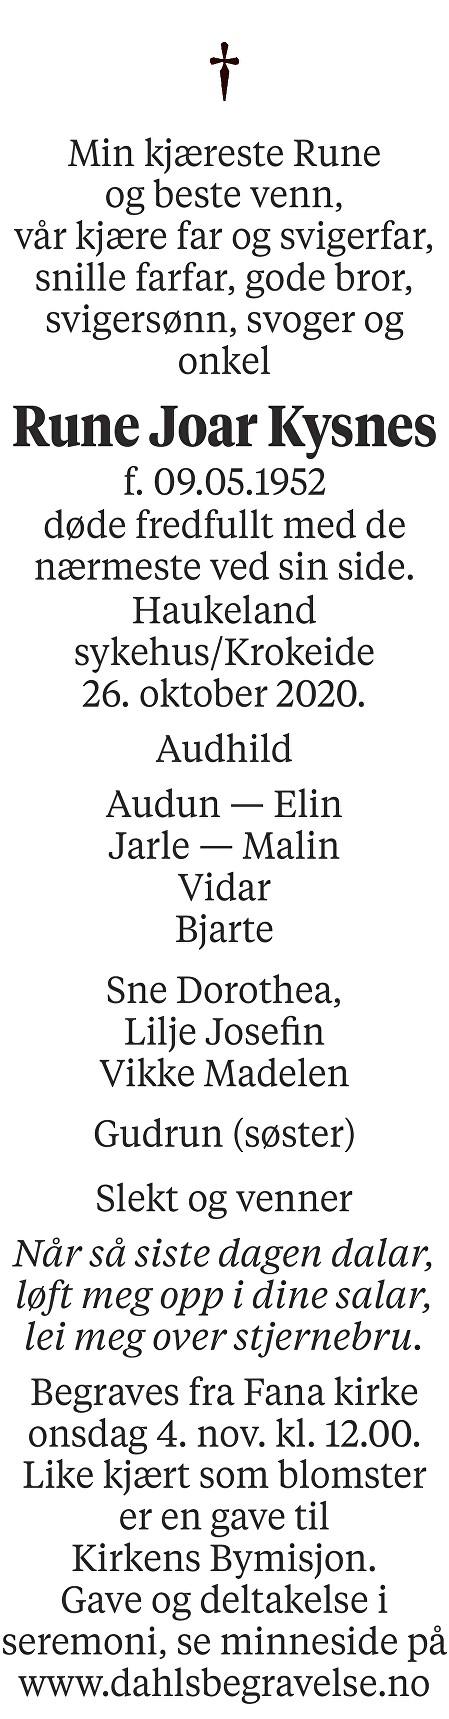 Rune Joar Kysnes Dødsannonse